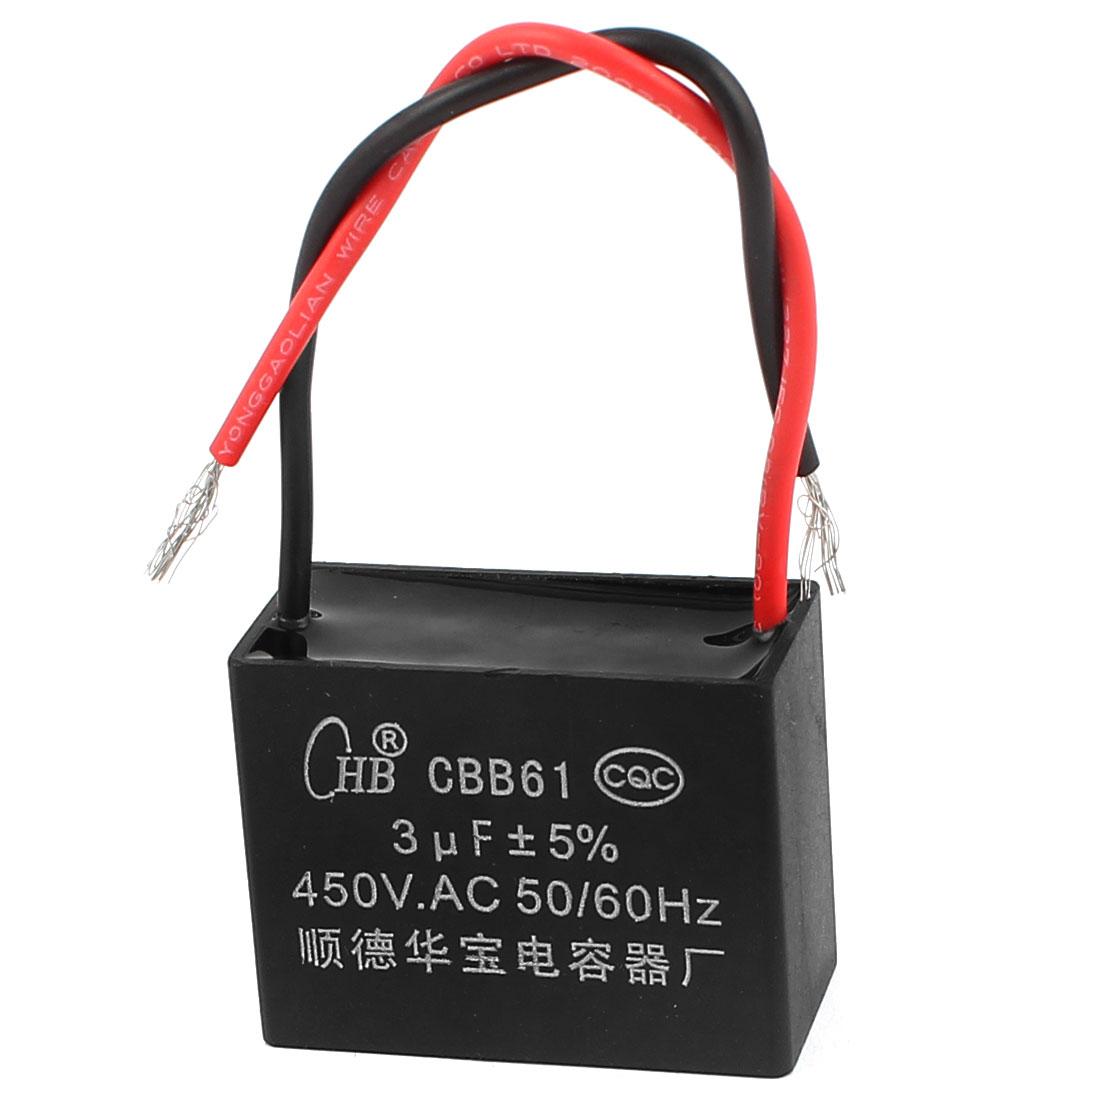 AC 450V 3uF 50/60Hz 5% Tolerance Fan Motor Running Capacitor CBB61